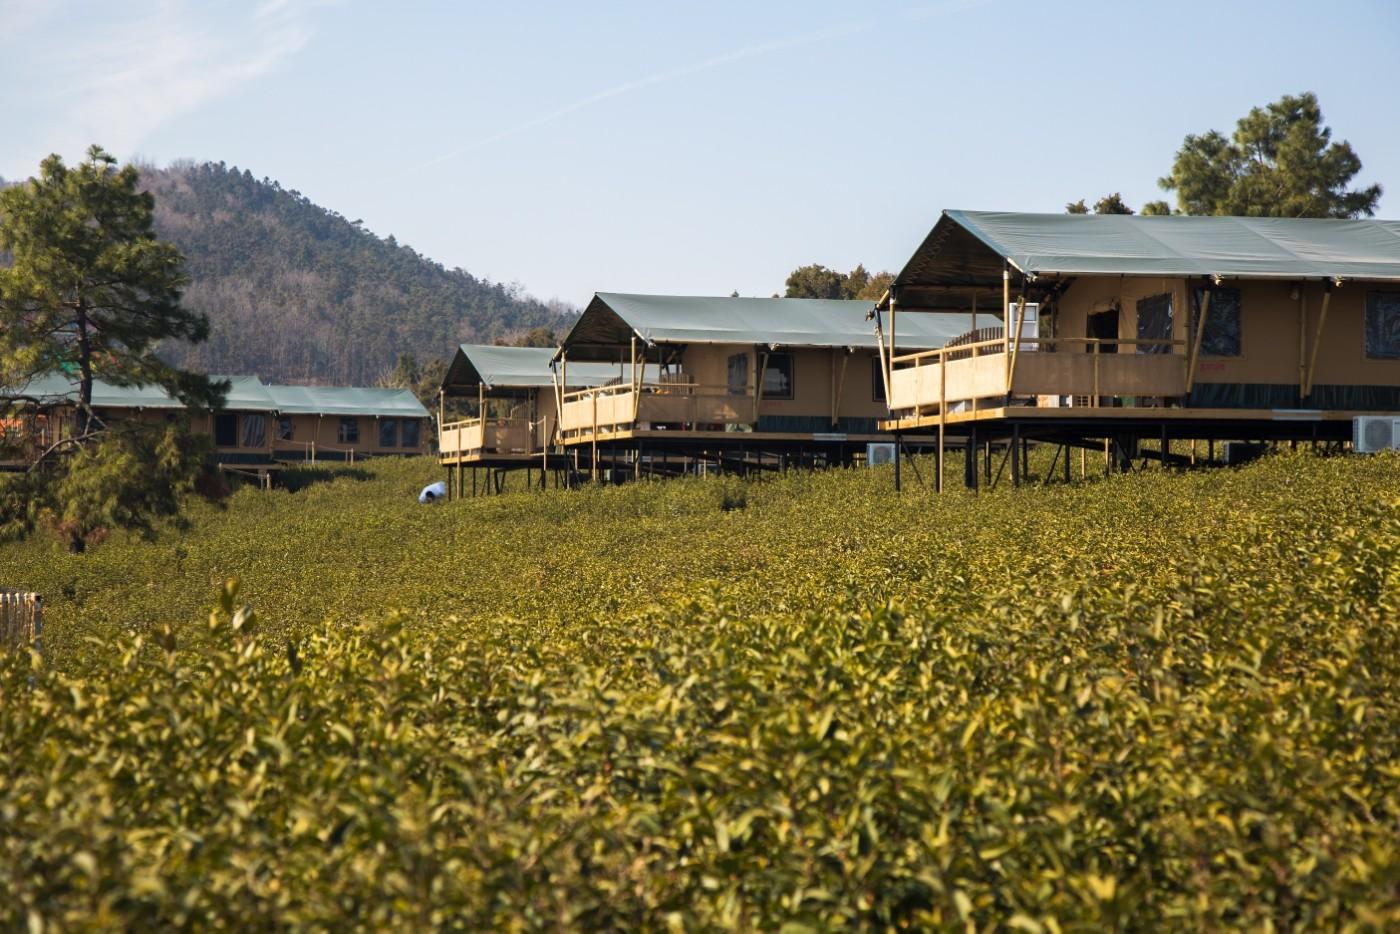 喜马拉雅野奢帐篷酒店—江苏茅山宝盛园(二期)9